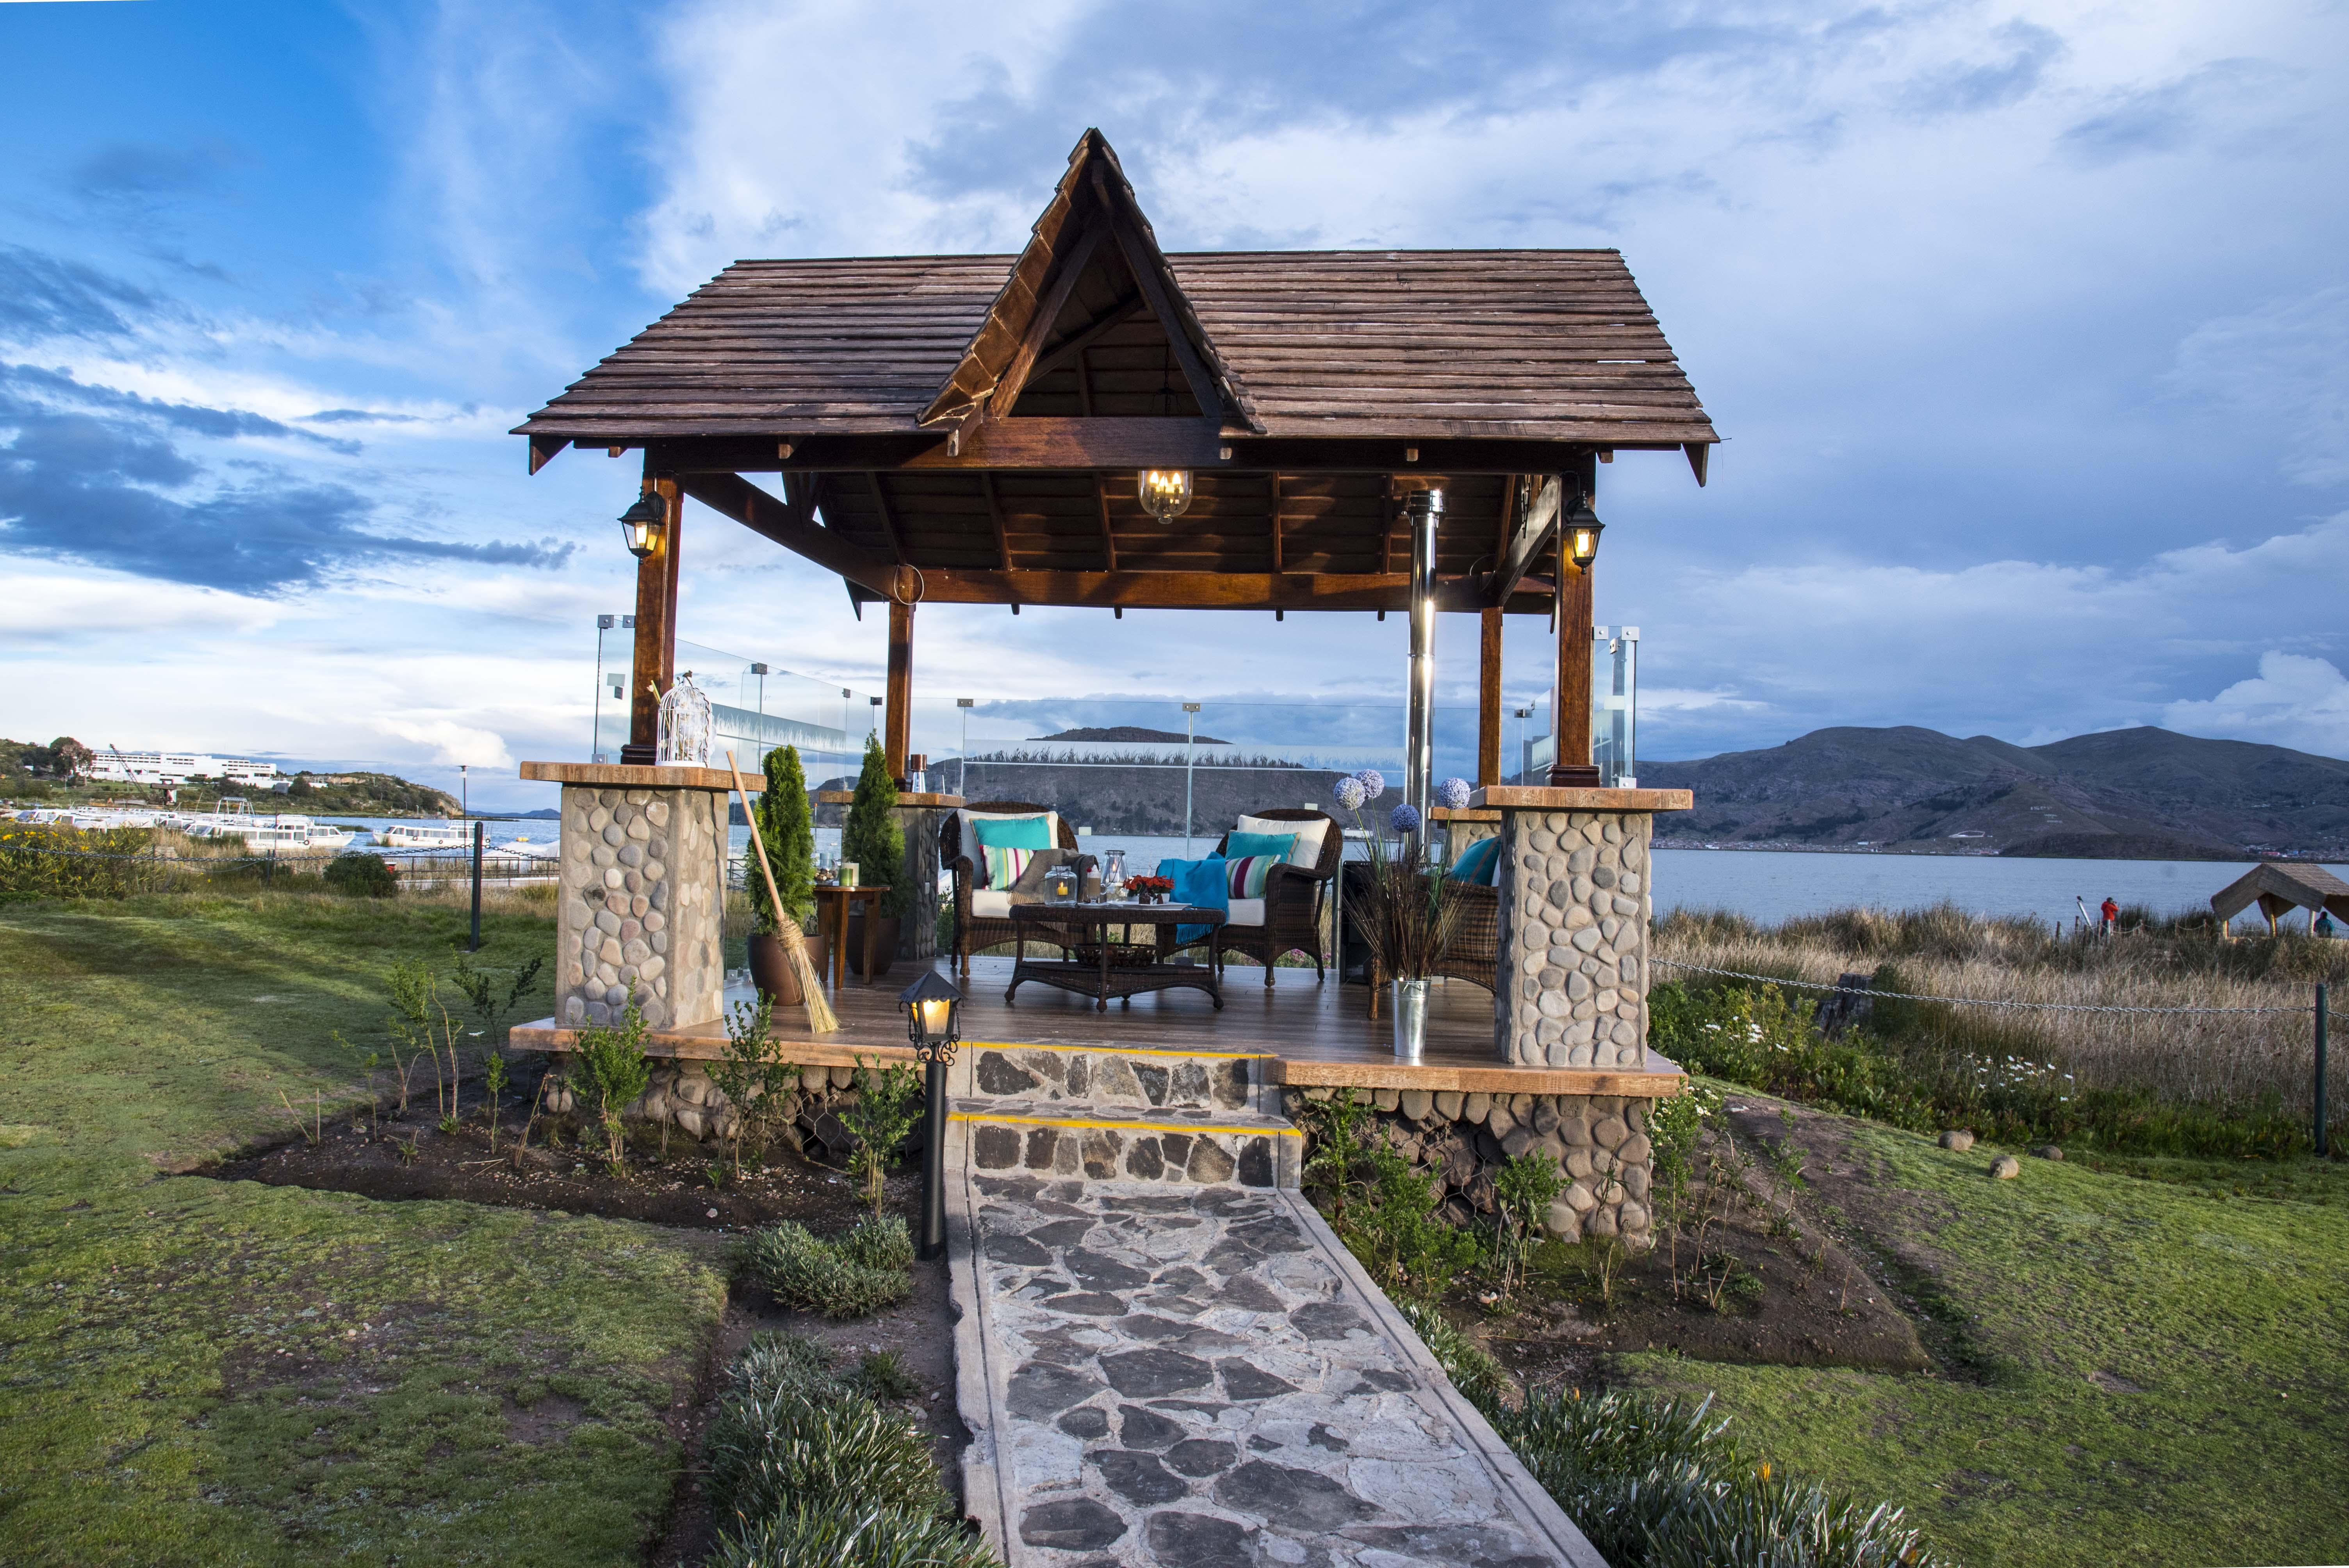 Sonesta Posadas del Inca - Lake Titicaca - Puno, Lago Titicaca